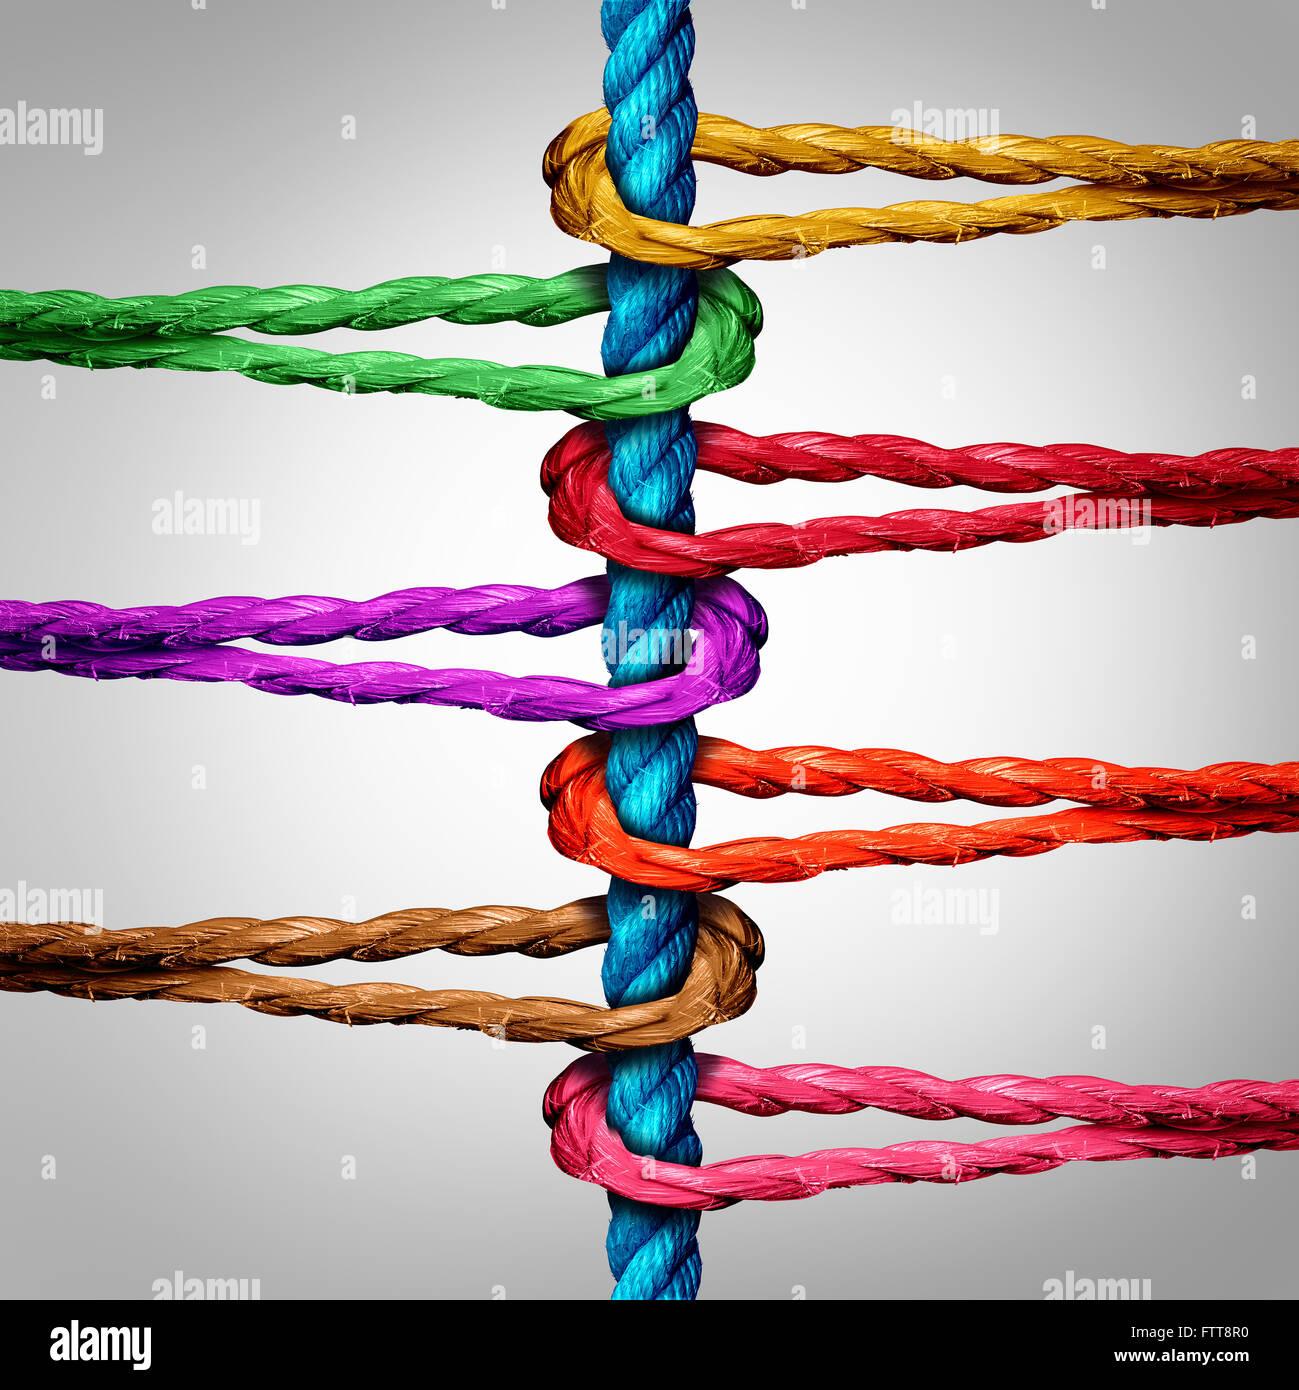 Mittenanschluss-Business-Konzept als eine Gruppe von verschiedenen Seilen verbunden zu einem zentralen Seil als Stockbild